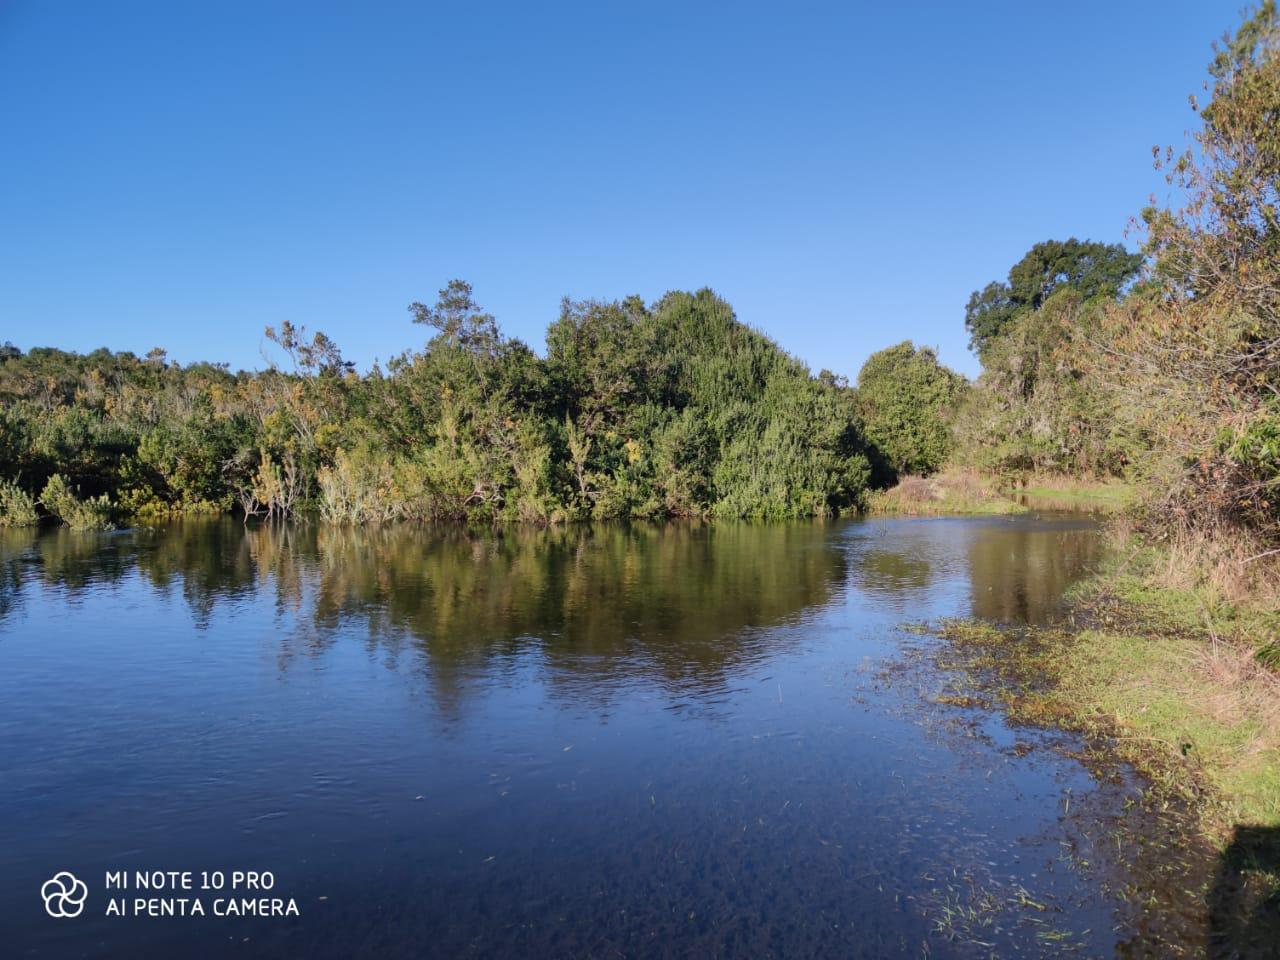 Se Vende parcela en Verde, Las Lomas, acceso a Rio Maullín, Puerto Varas.